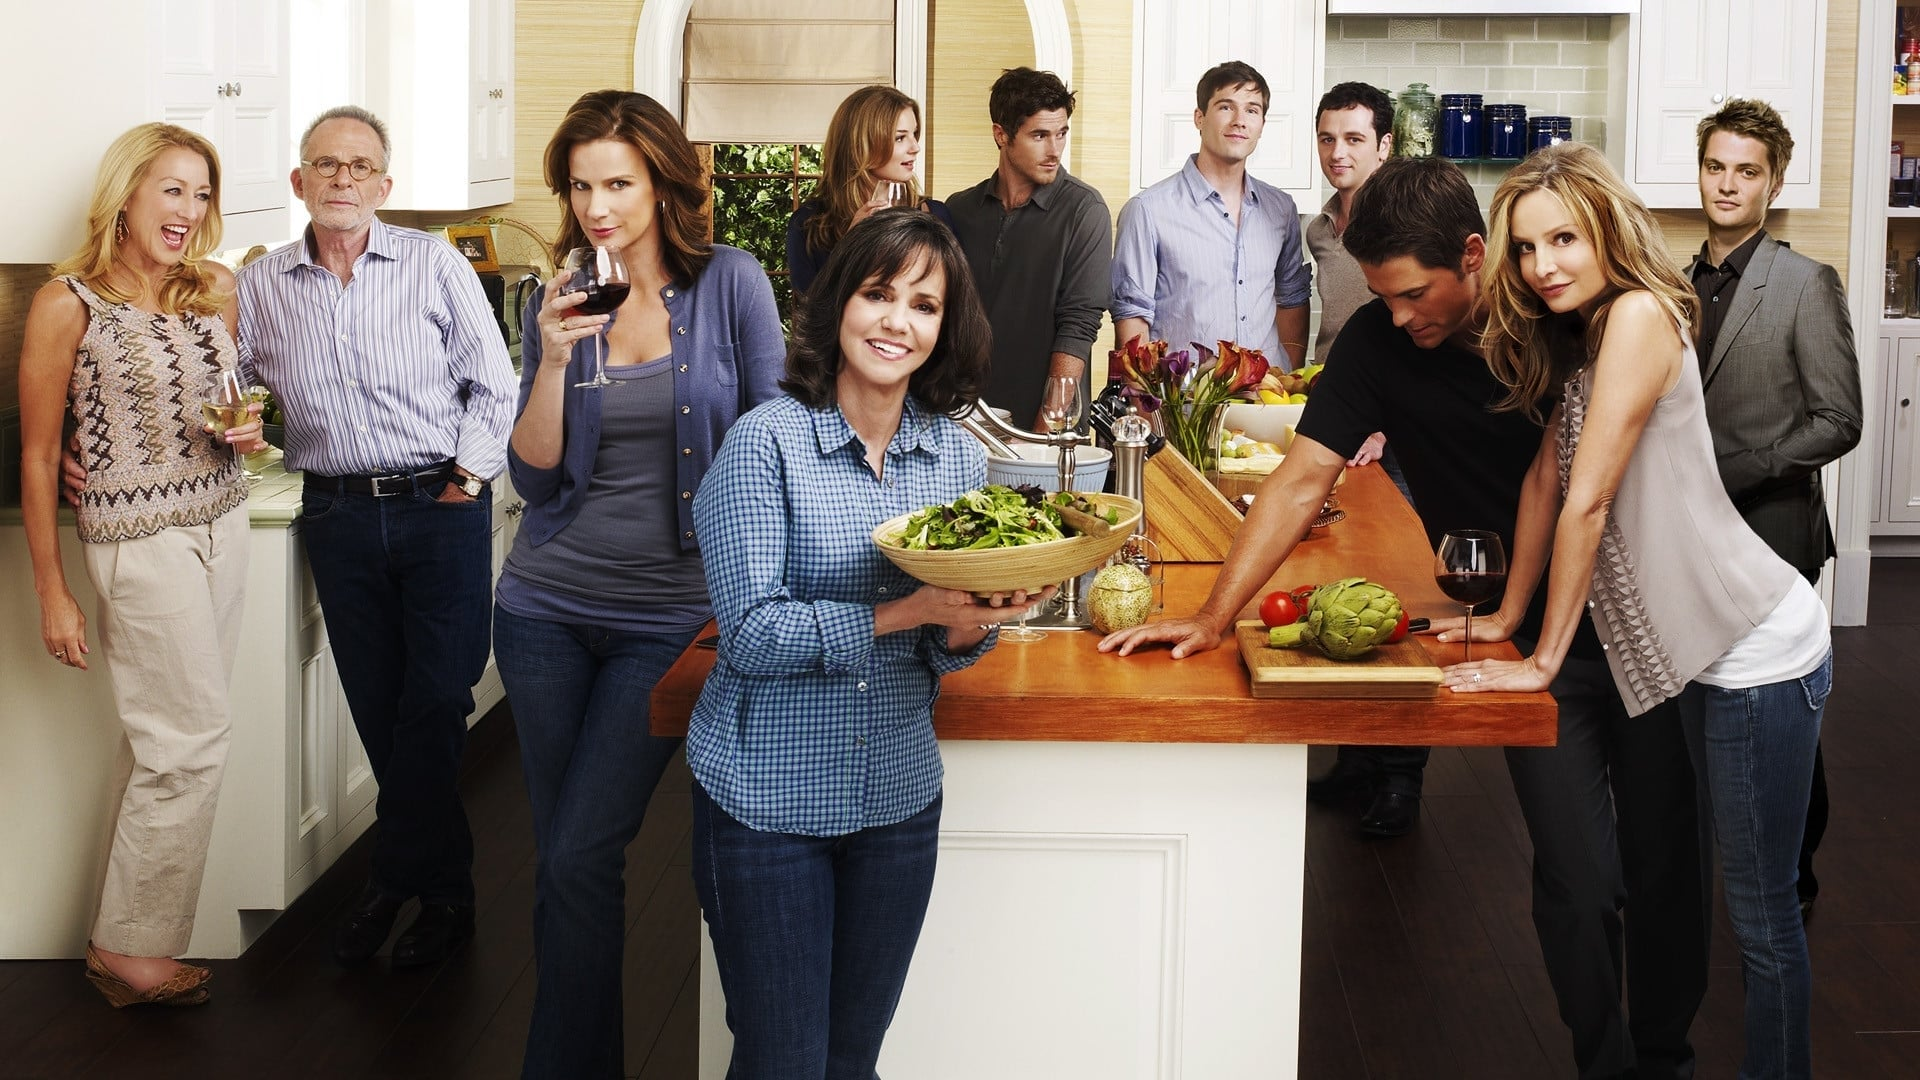 Alle seizoenen van Brothers & Sisters verschijnen in oktober op Videoland